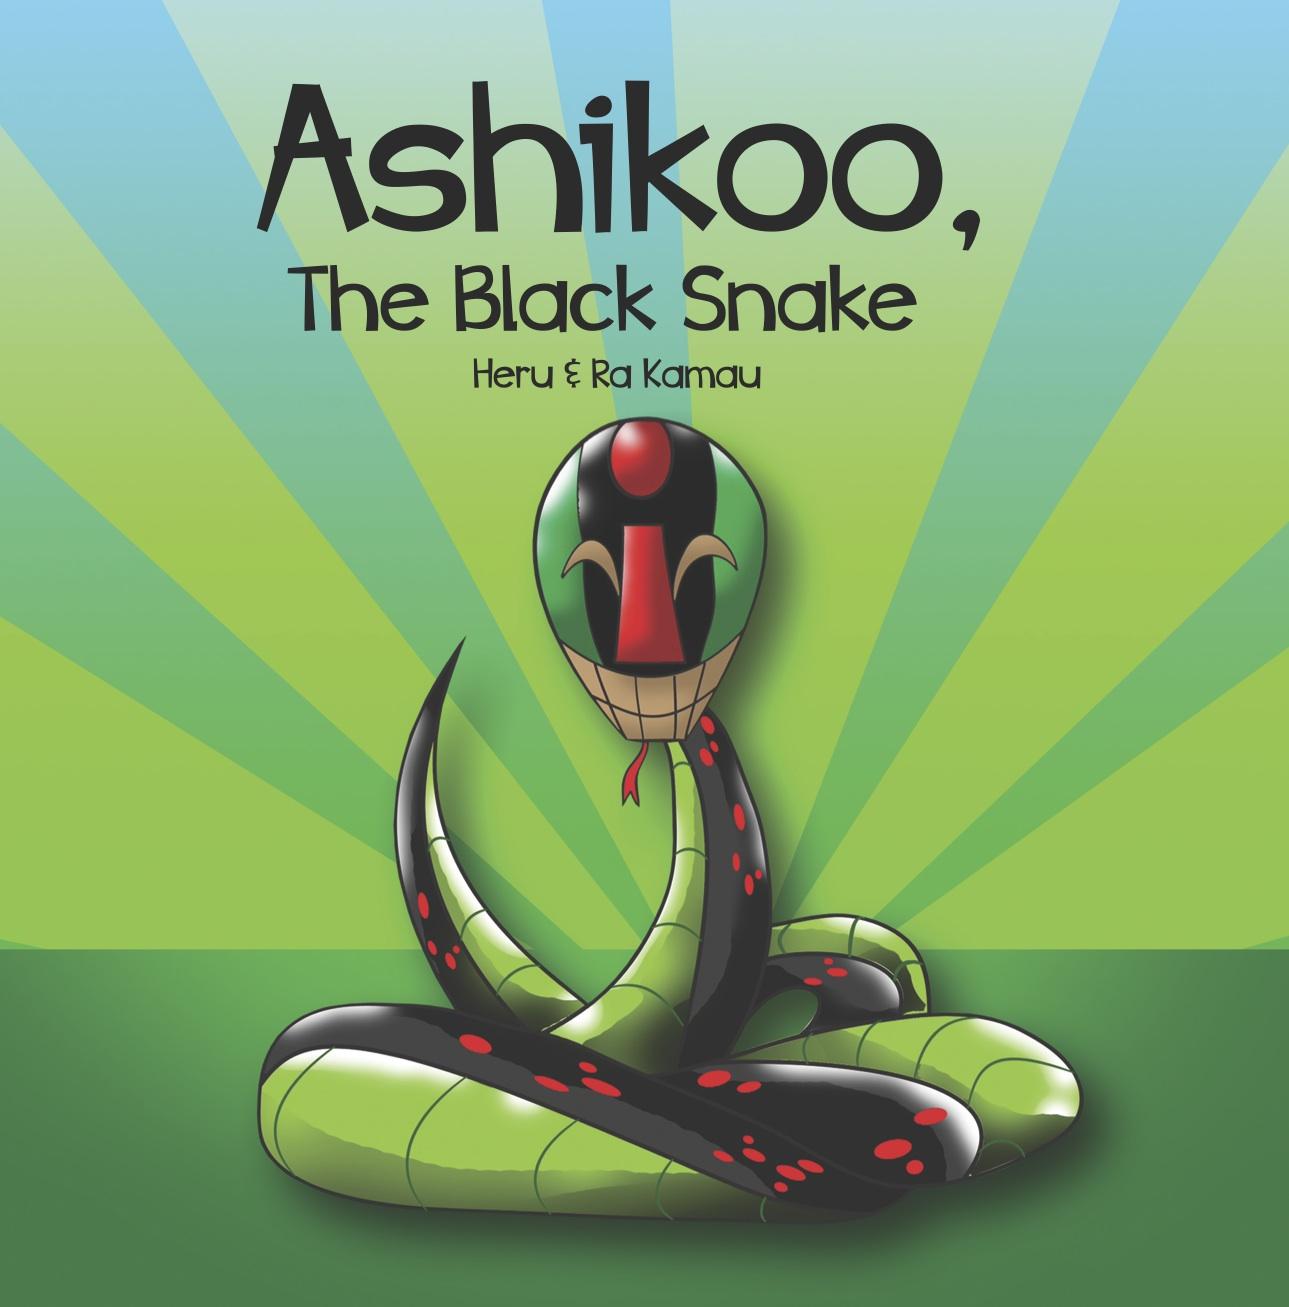 Ashikoo_eBook_Cover.jpg